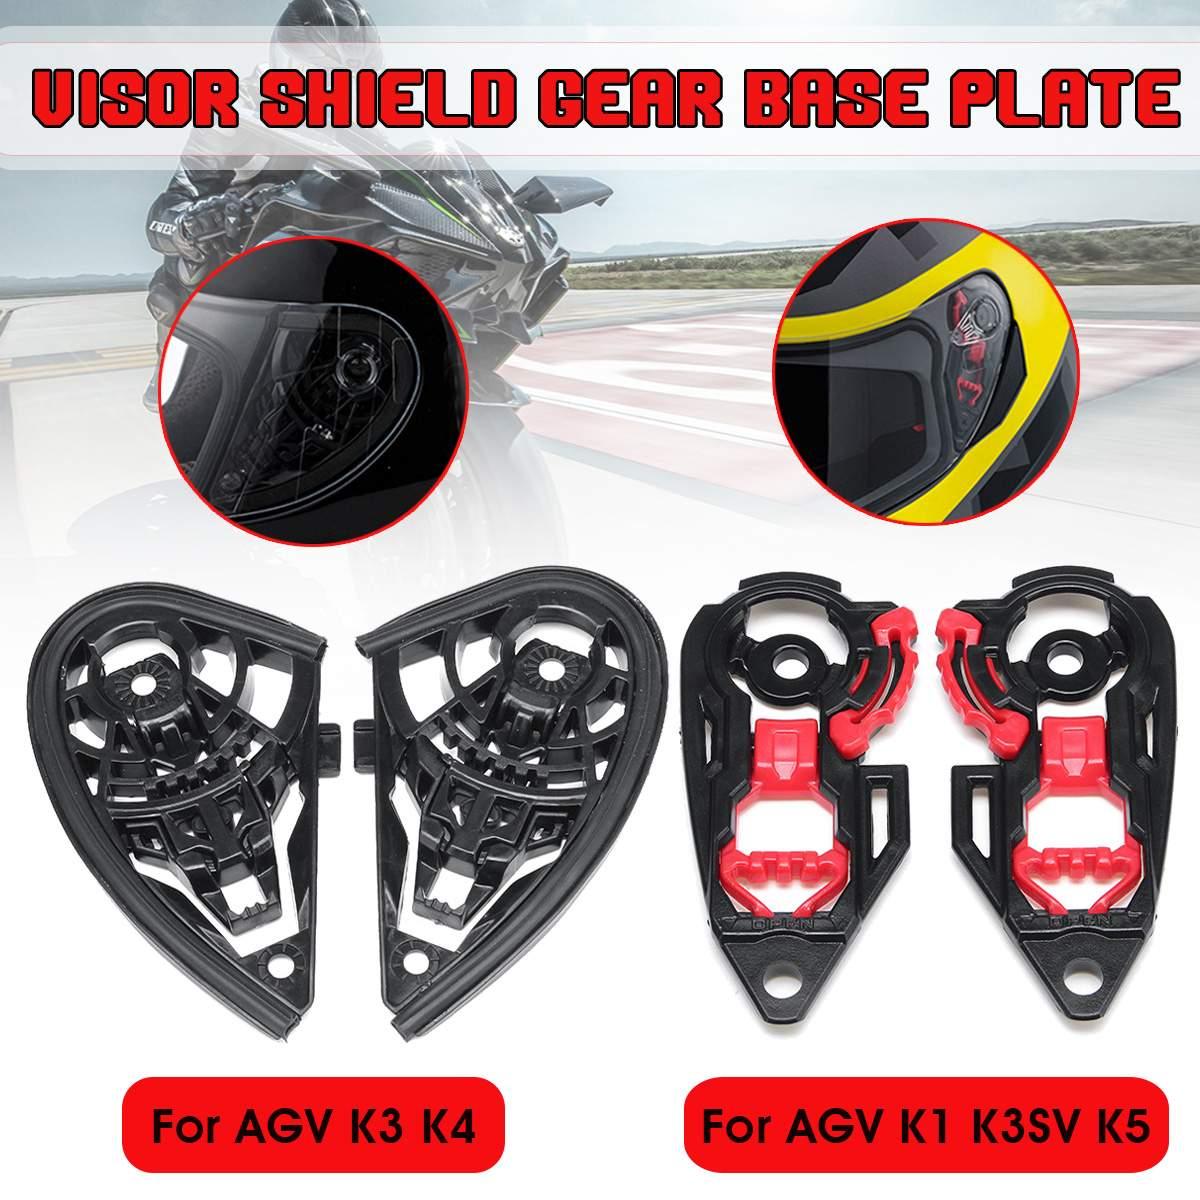 Pair Motorcycle Helmet Visor Shield Gear Base Plate Lens Holder For Agv K1 K3sv K5 K3 K4 Helmets Aliexpress